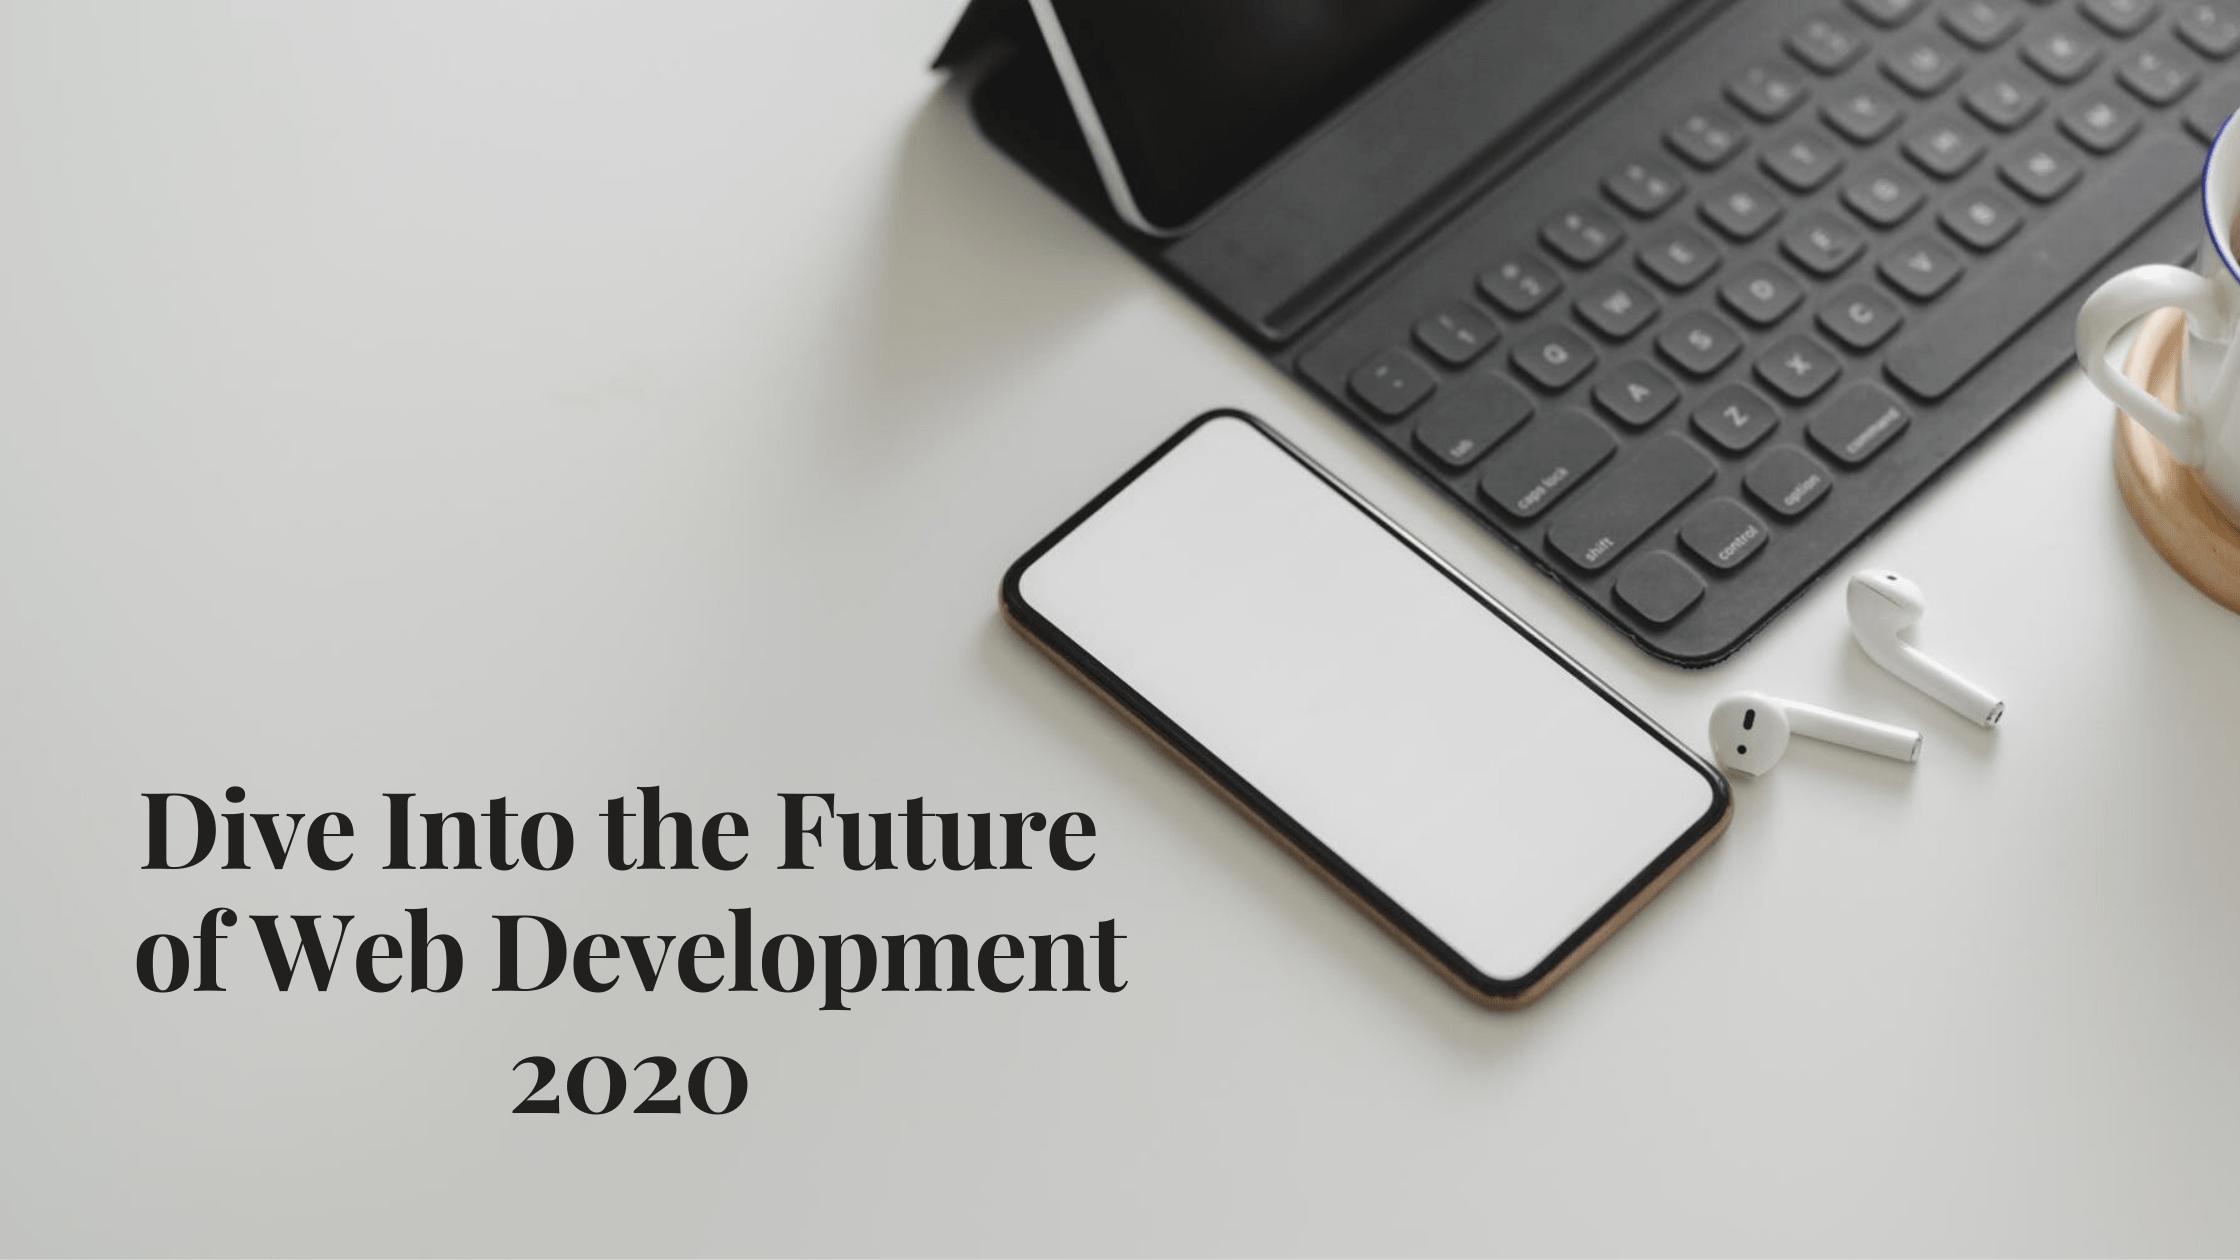 Dive Into the Future of Web Development 2020